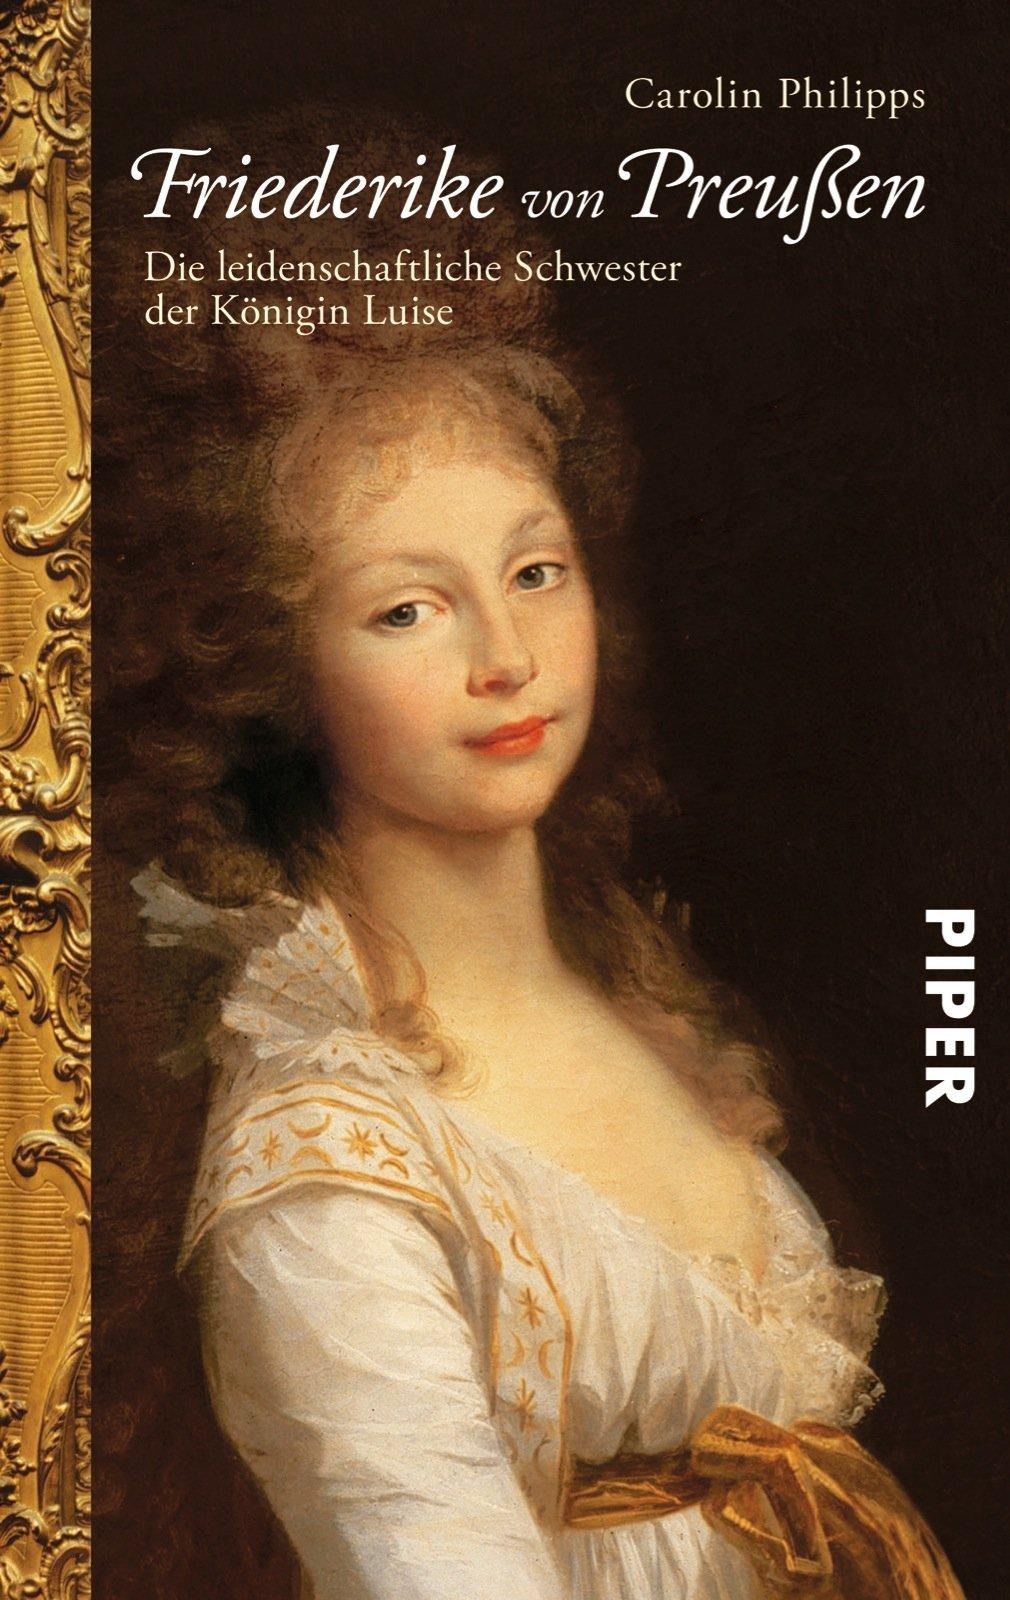 Friederike von Preußen: Die leidenschaftliche Schwester der Königin Luise